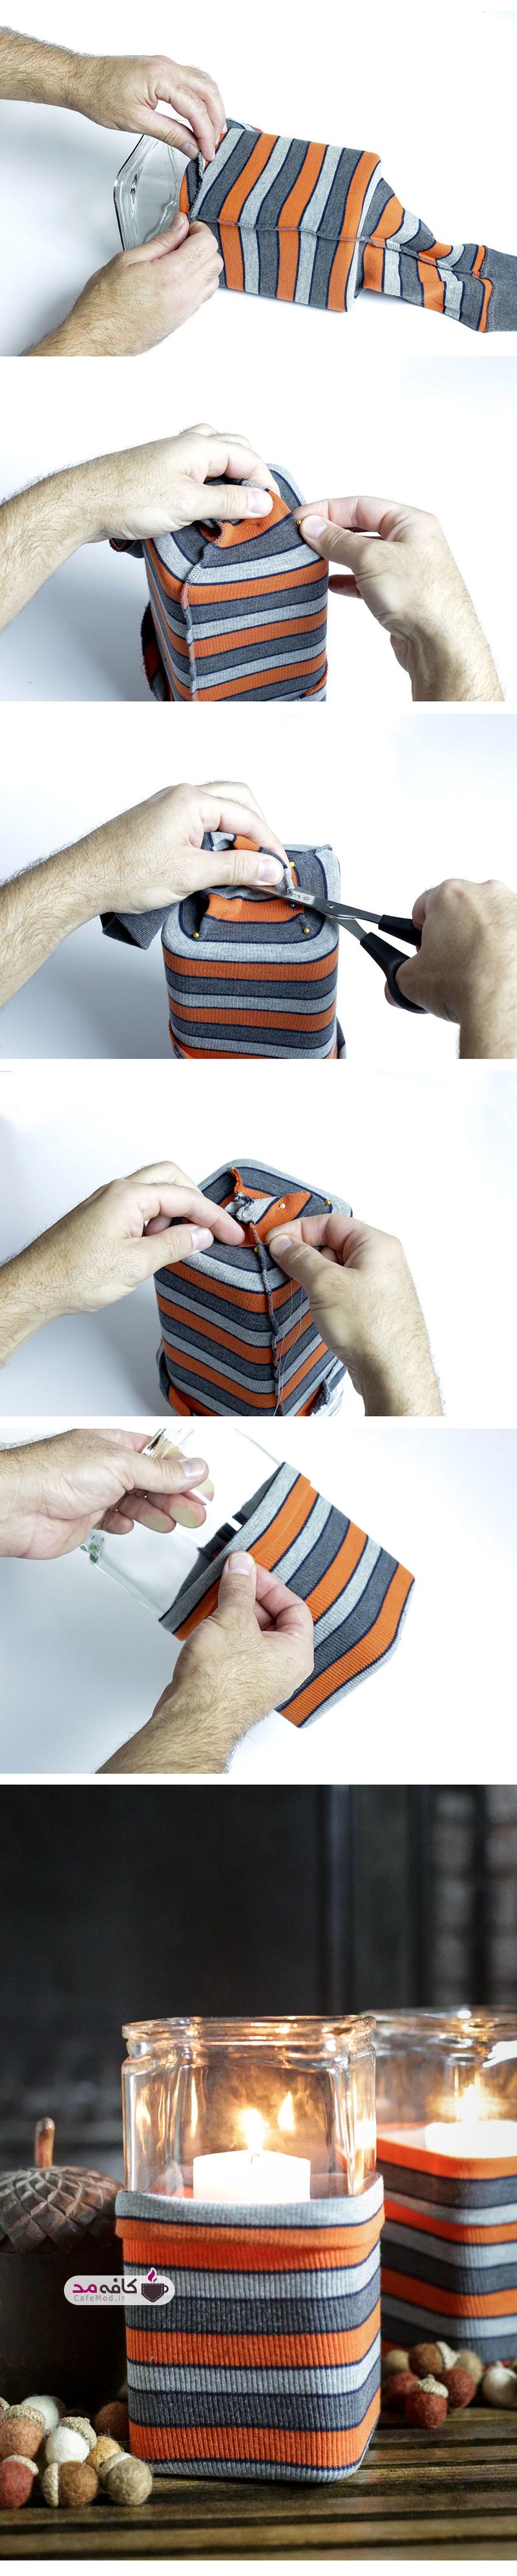 آموزش ساخت جاشمعی با آستین لباس بافتنی